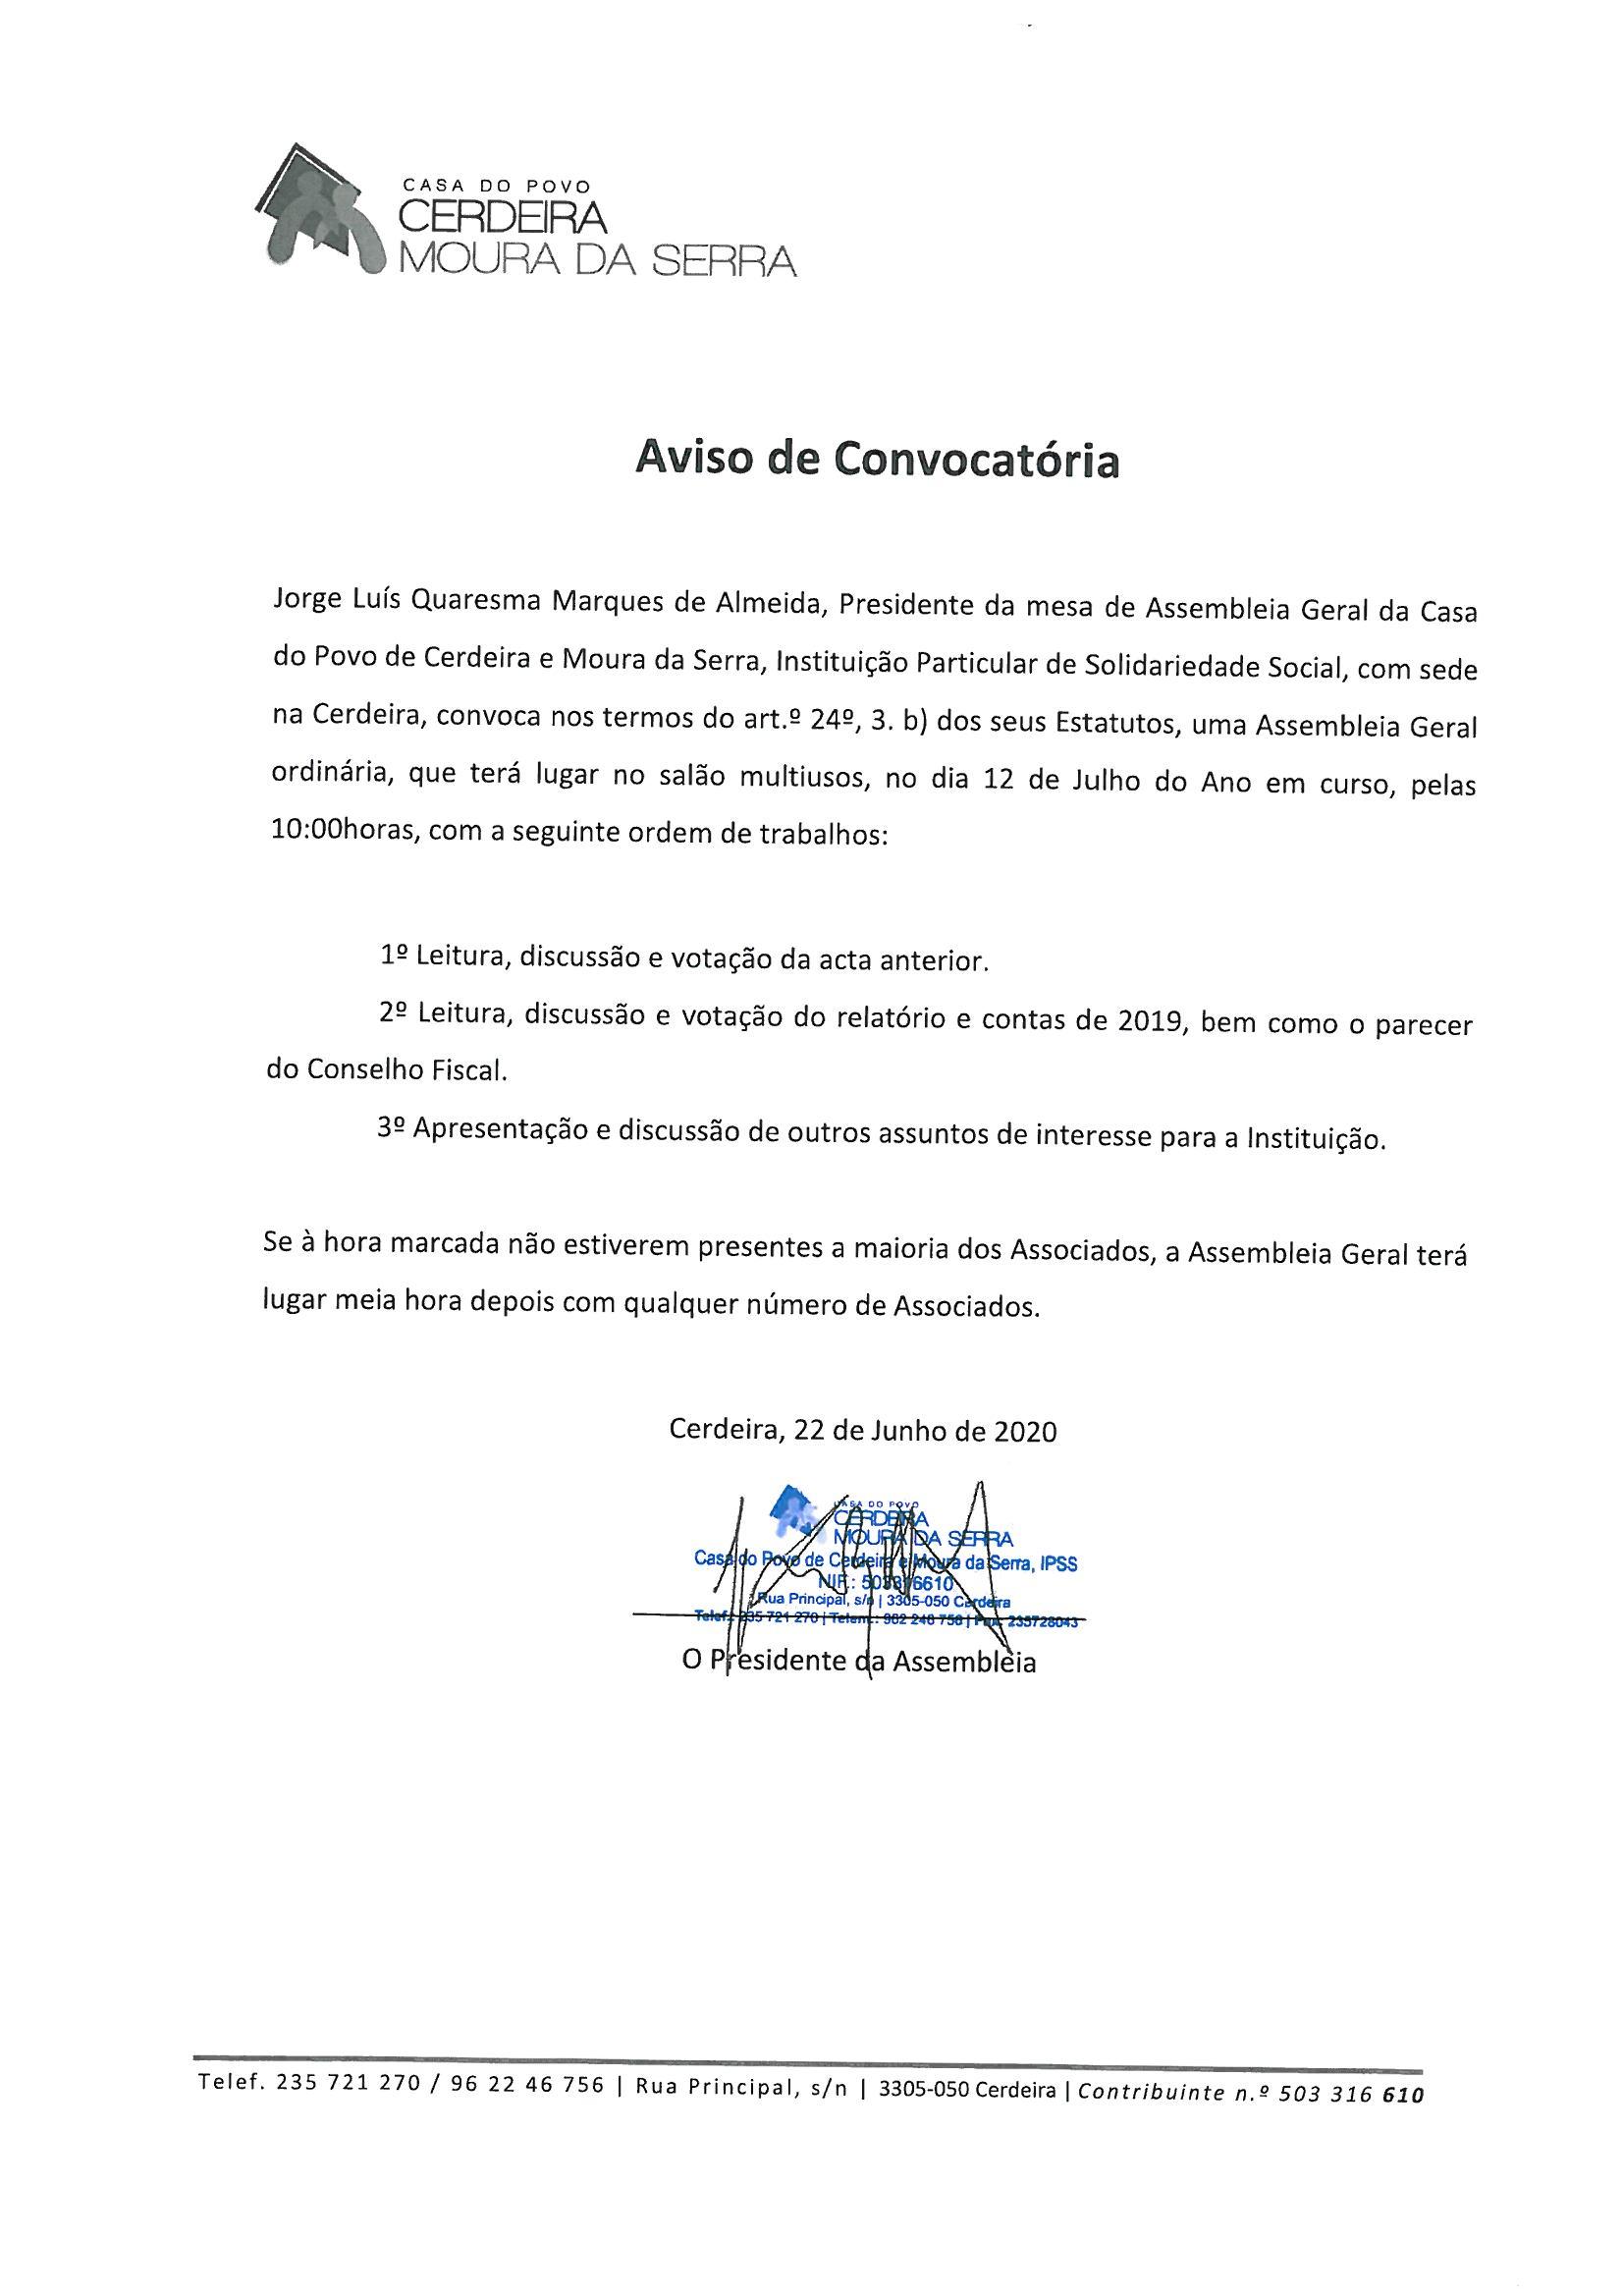 Casa do Povo de Cerdeira e Moura da Serra, I.P.S.S – Assembleia Geral dia 12 de Julho de 2020